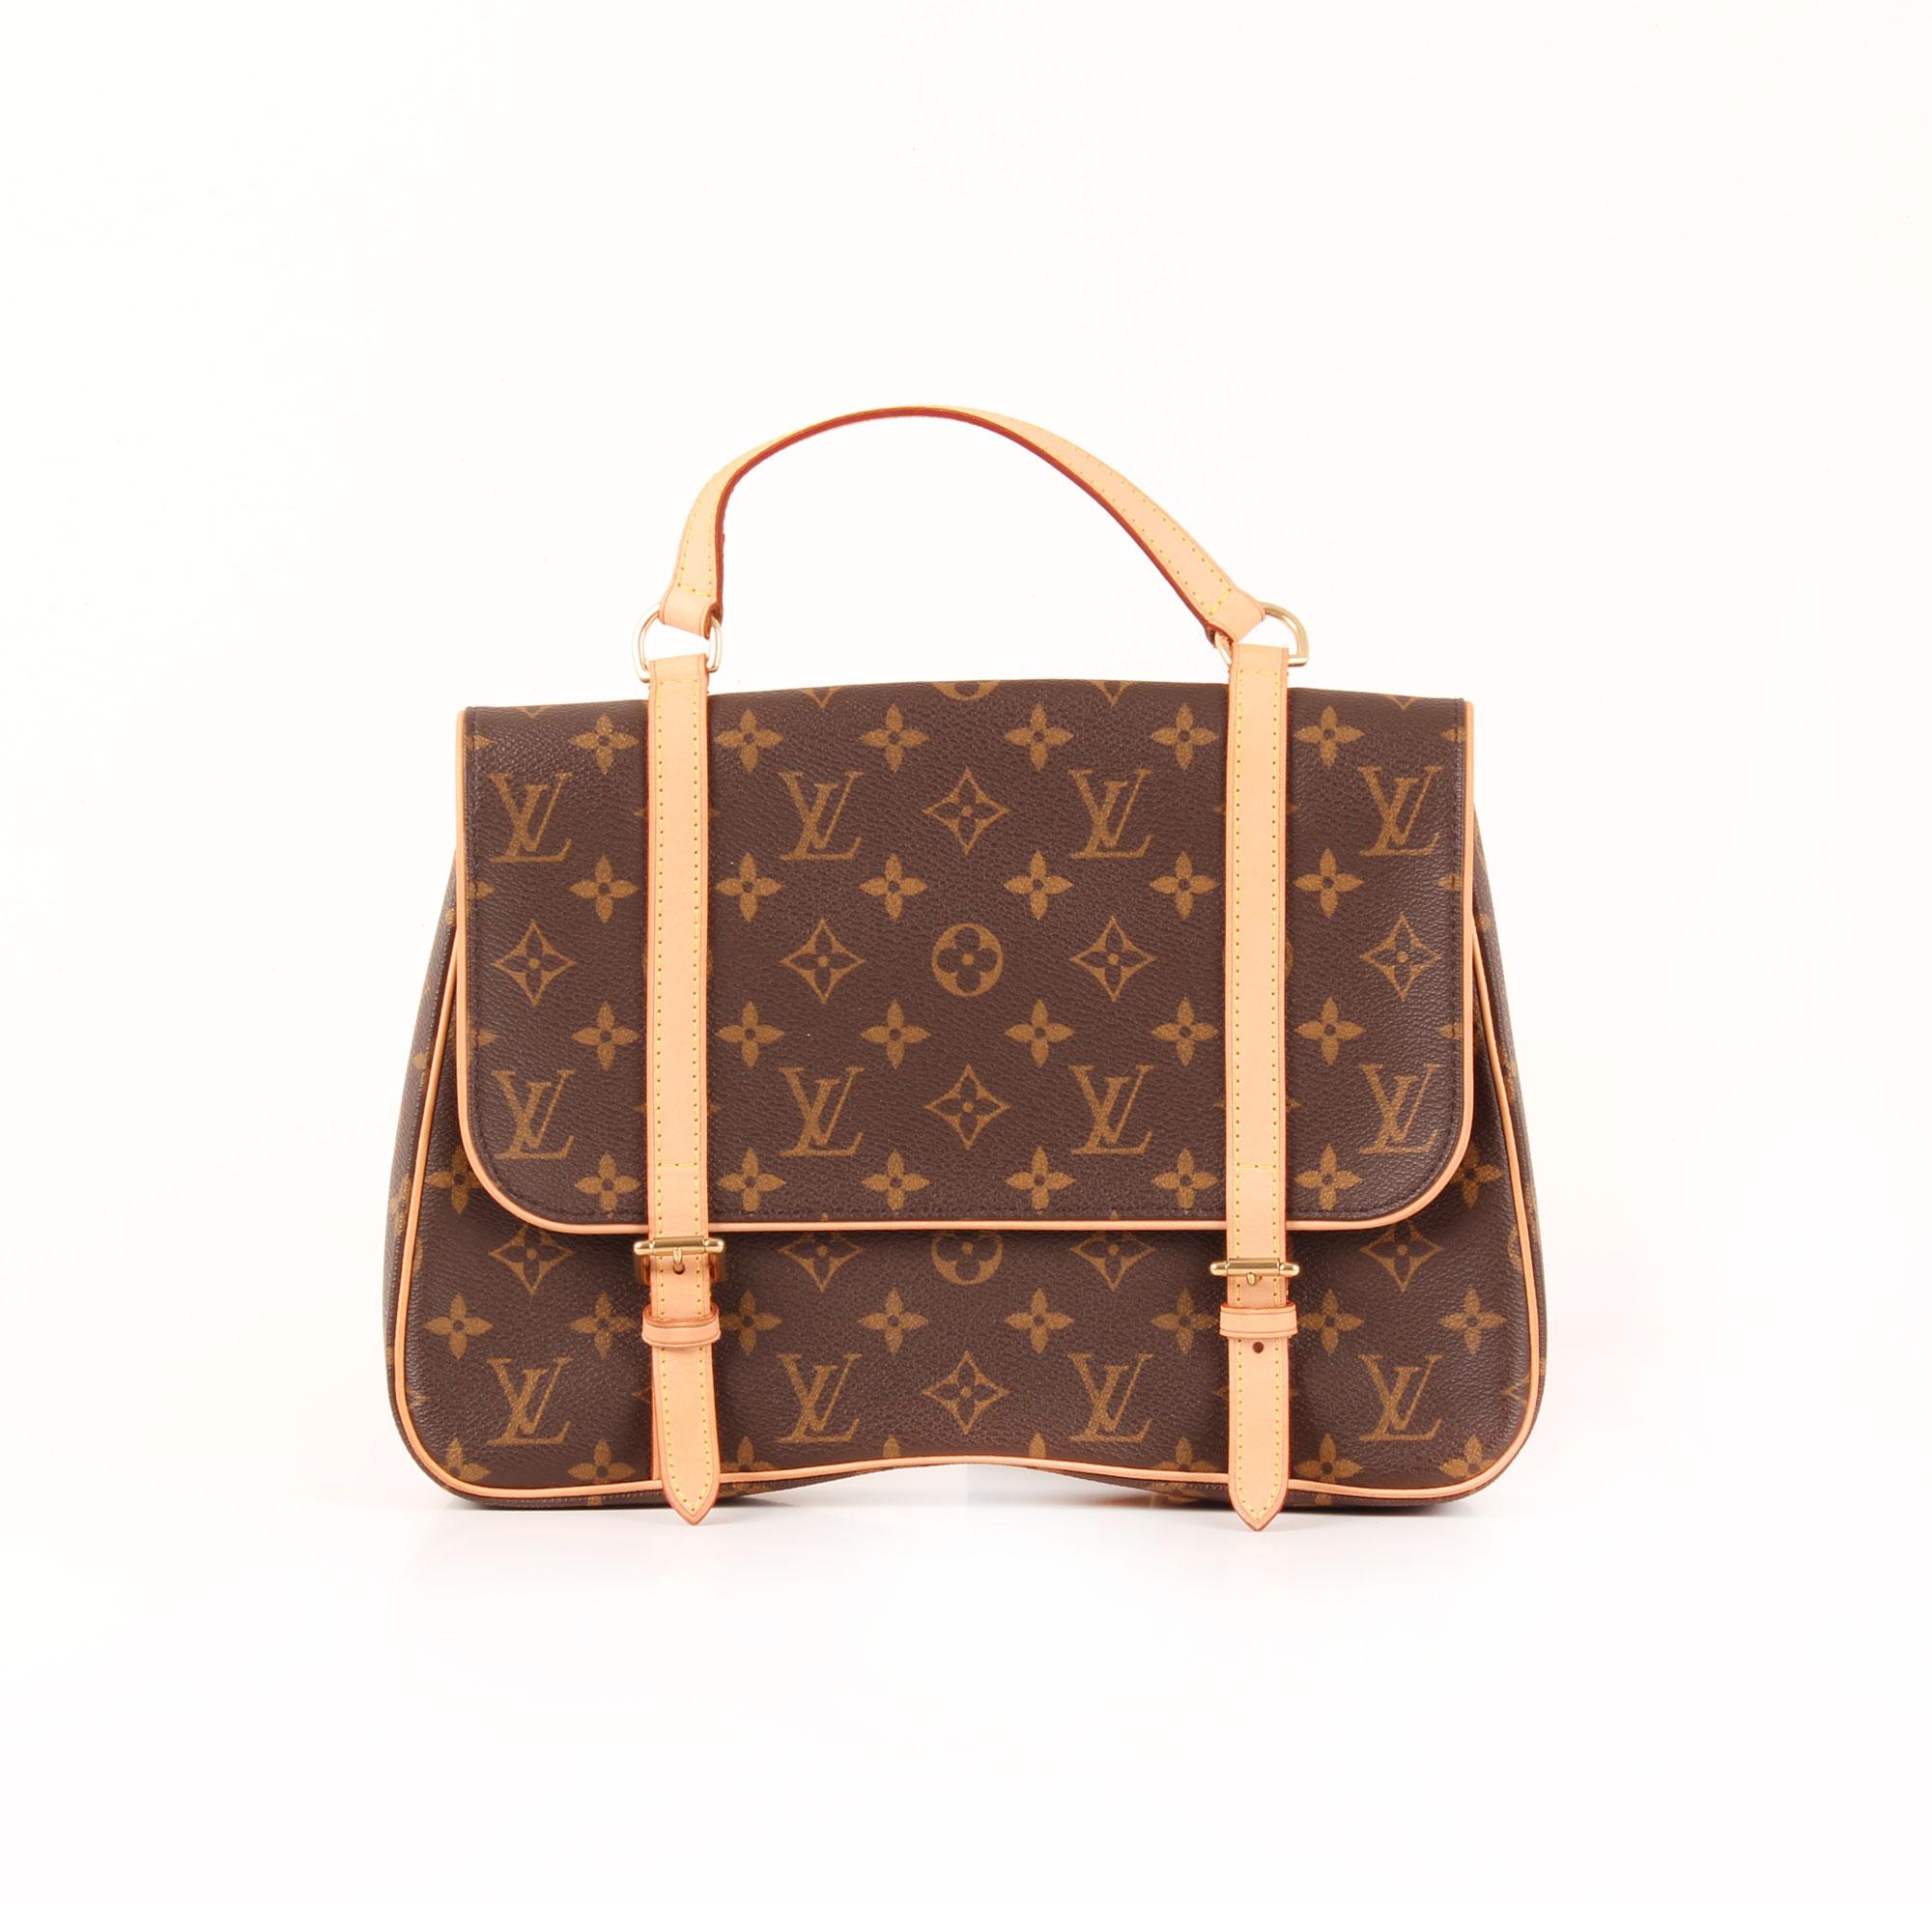 Front image of convertible satchel louis vuitton marelle monogram 62379633359d7